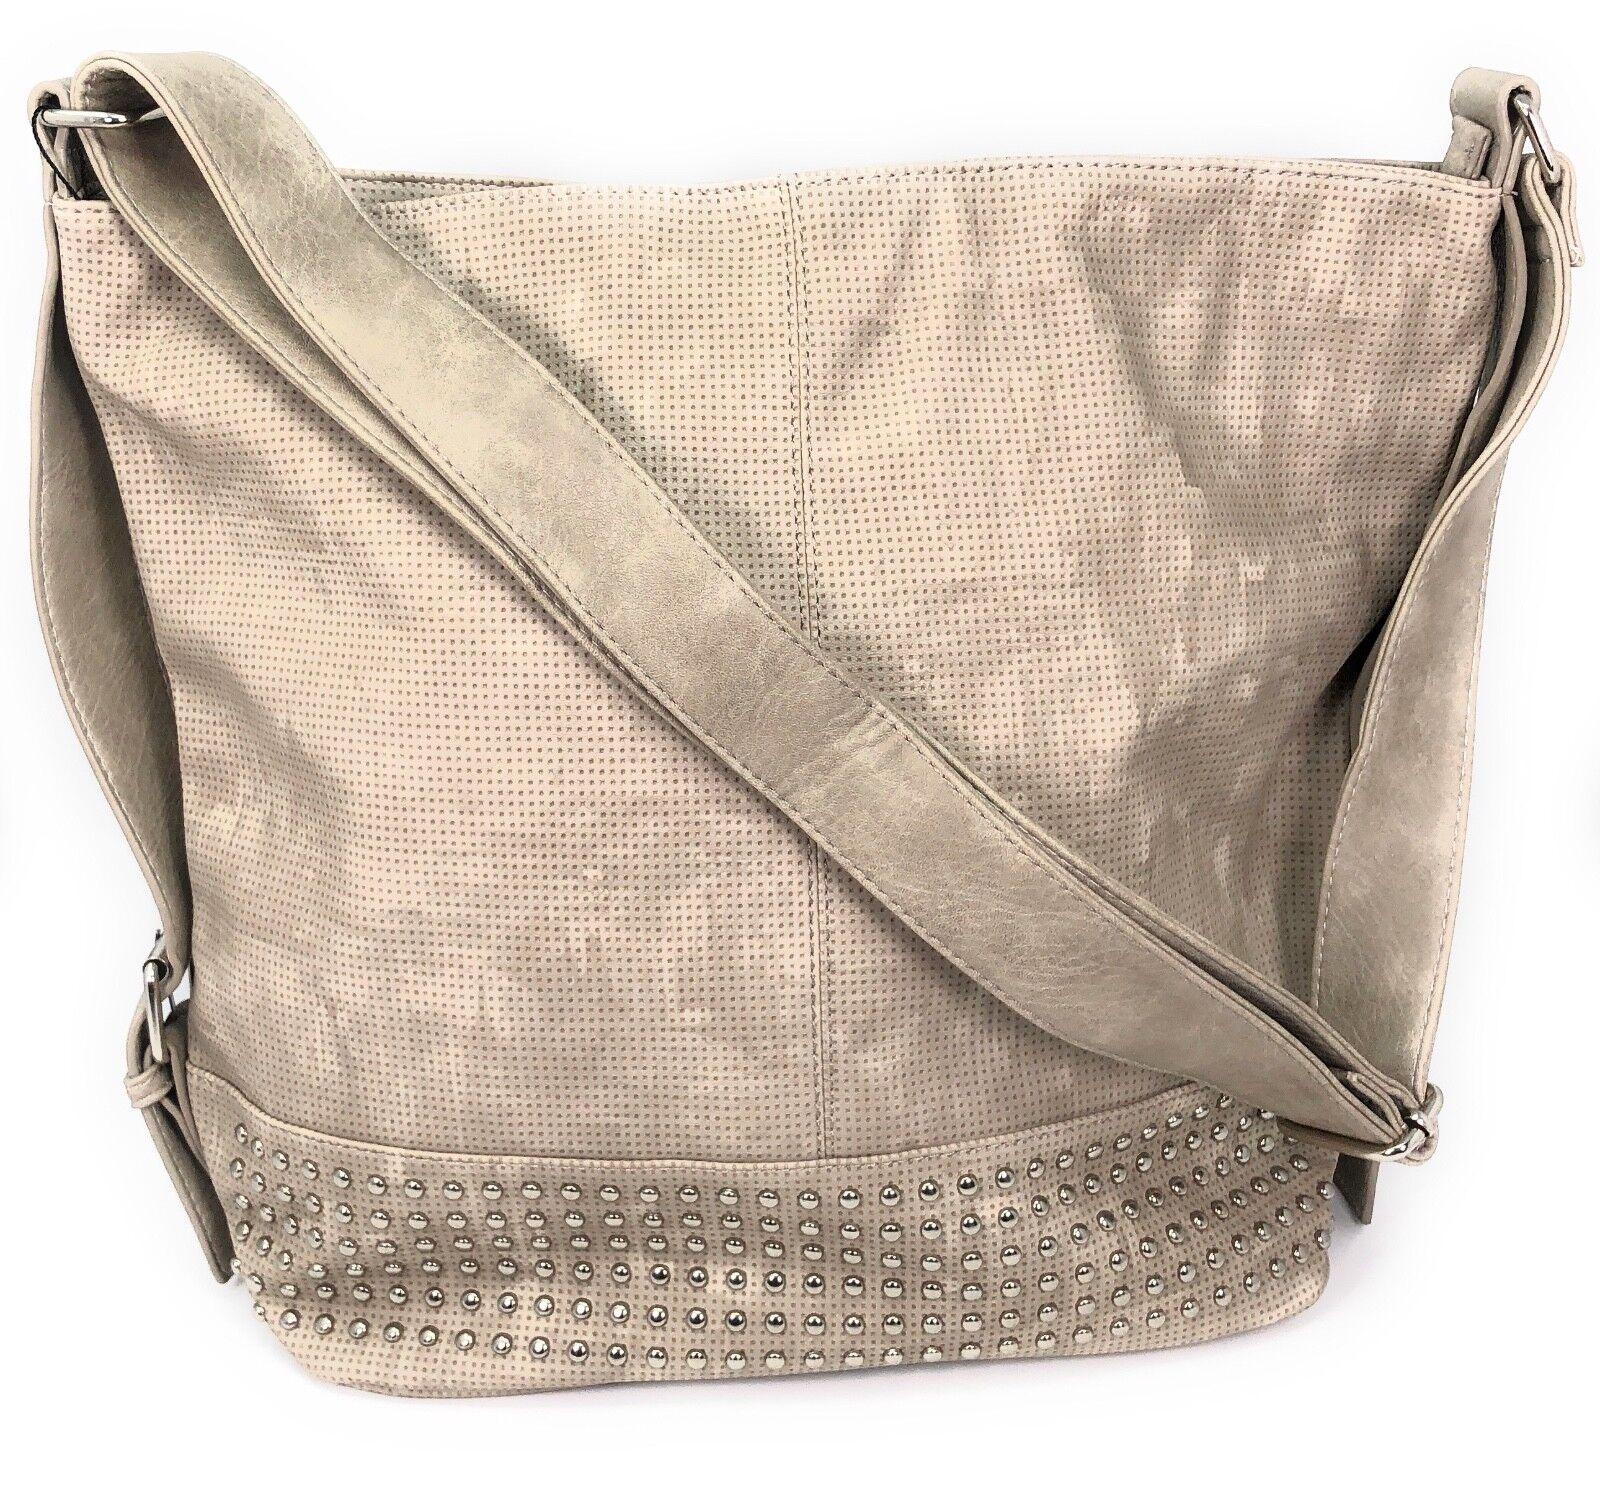 Handtasche Damen Umhängetasche Schultertasche Tasche Henkeltasche XL Shopper